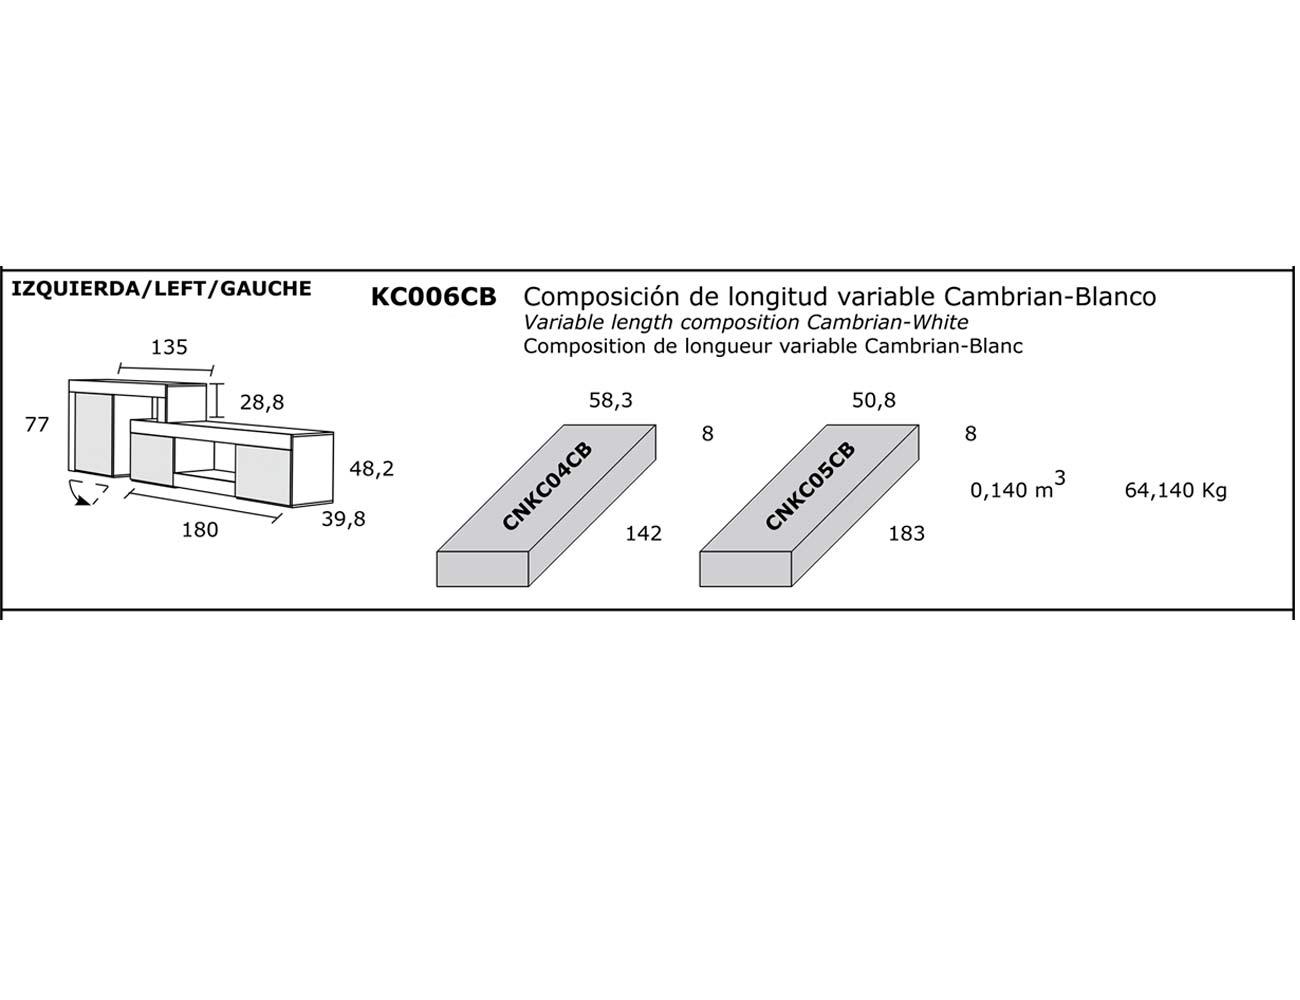 Composicion longitud variable